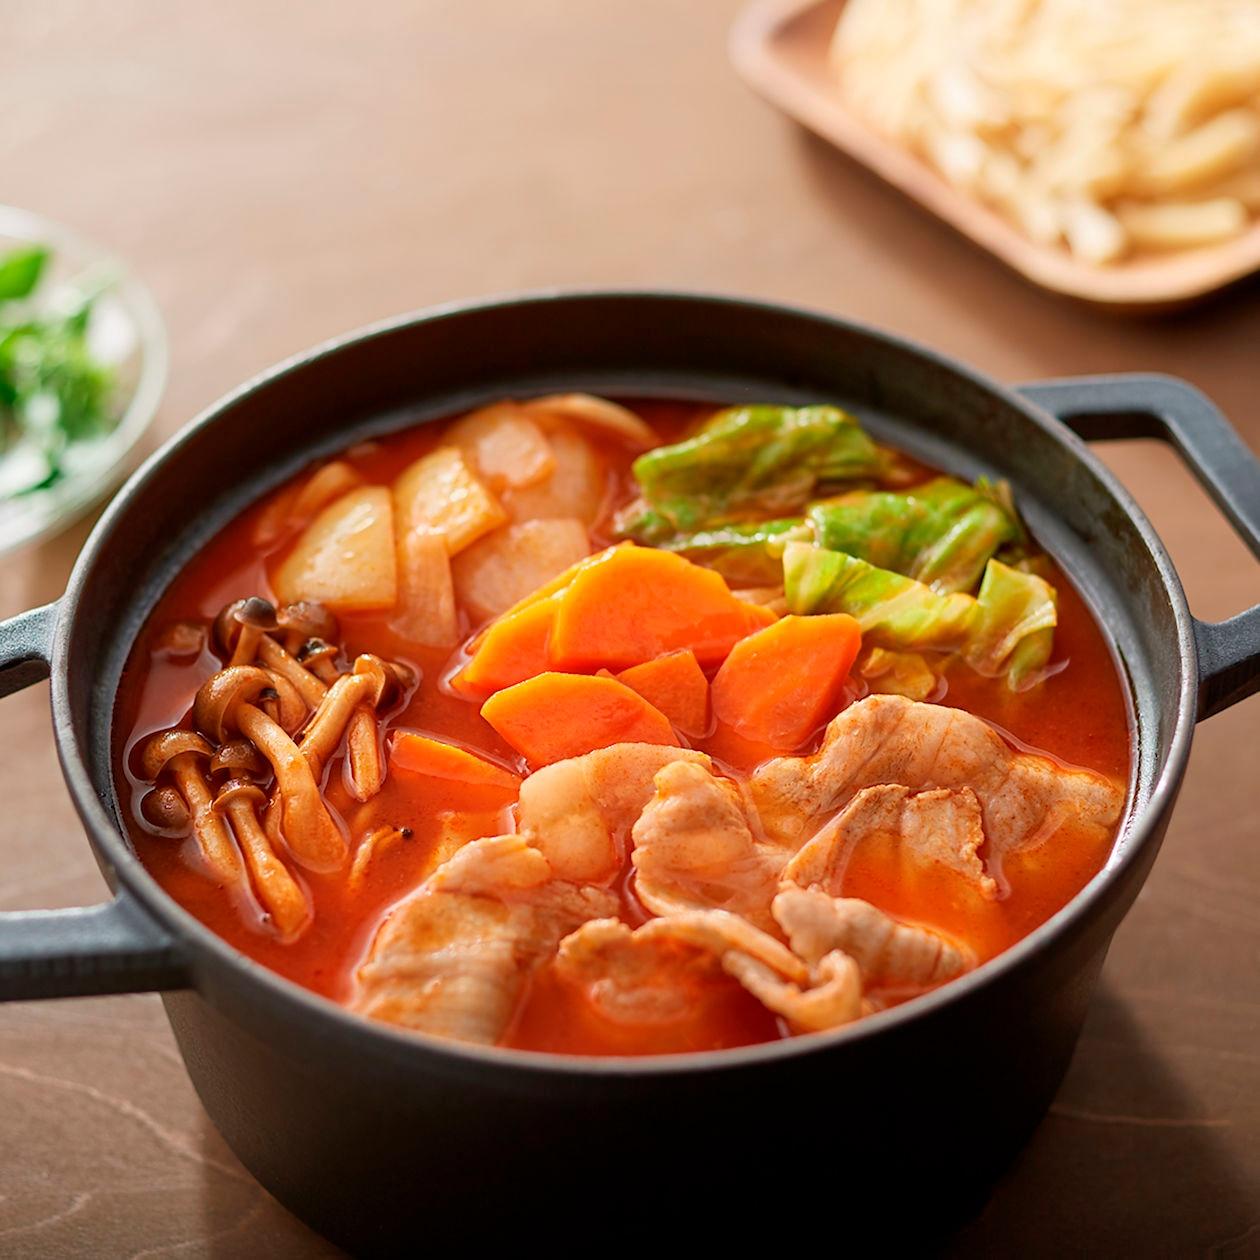 【無印良品】手づくり鍋の素 ミネストローネ鍋